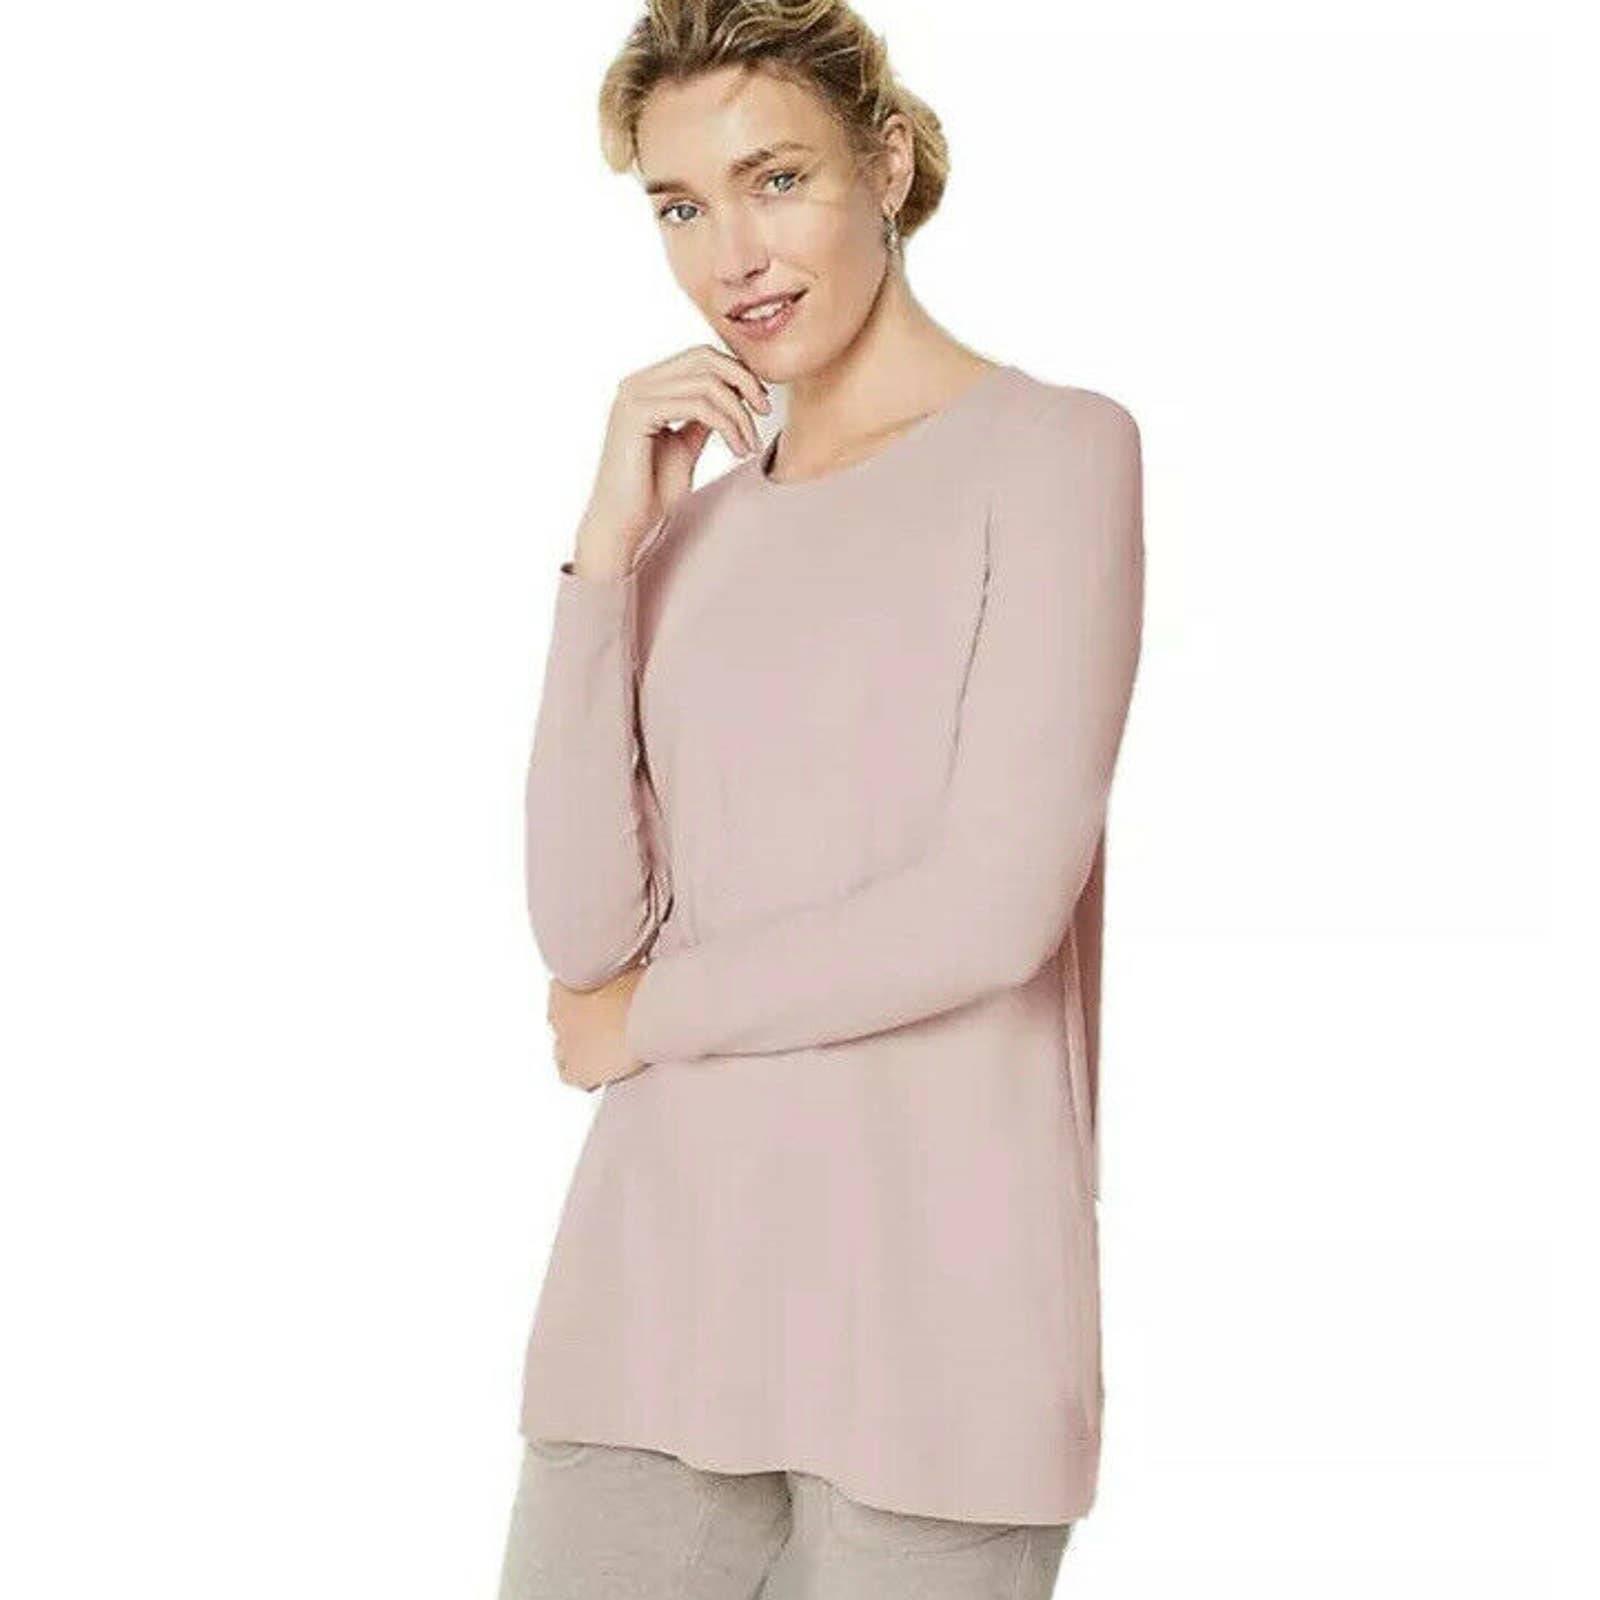 NEW J.Jill M Harmony Rib Trimmed Sweater